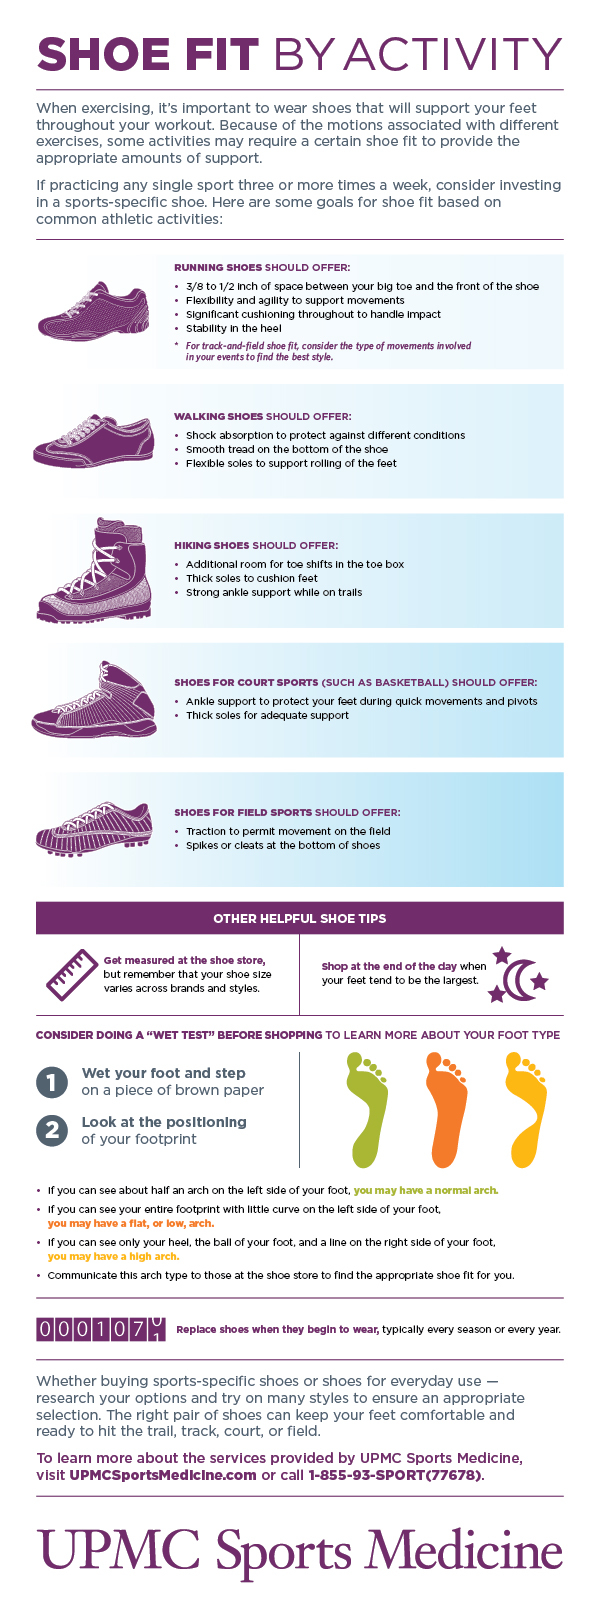 Shoe Buying Tips for Athletes | UPMC HealthBeat